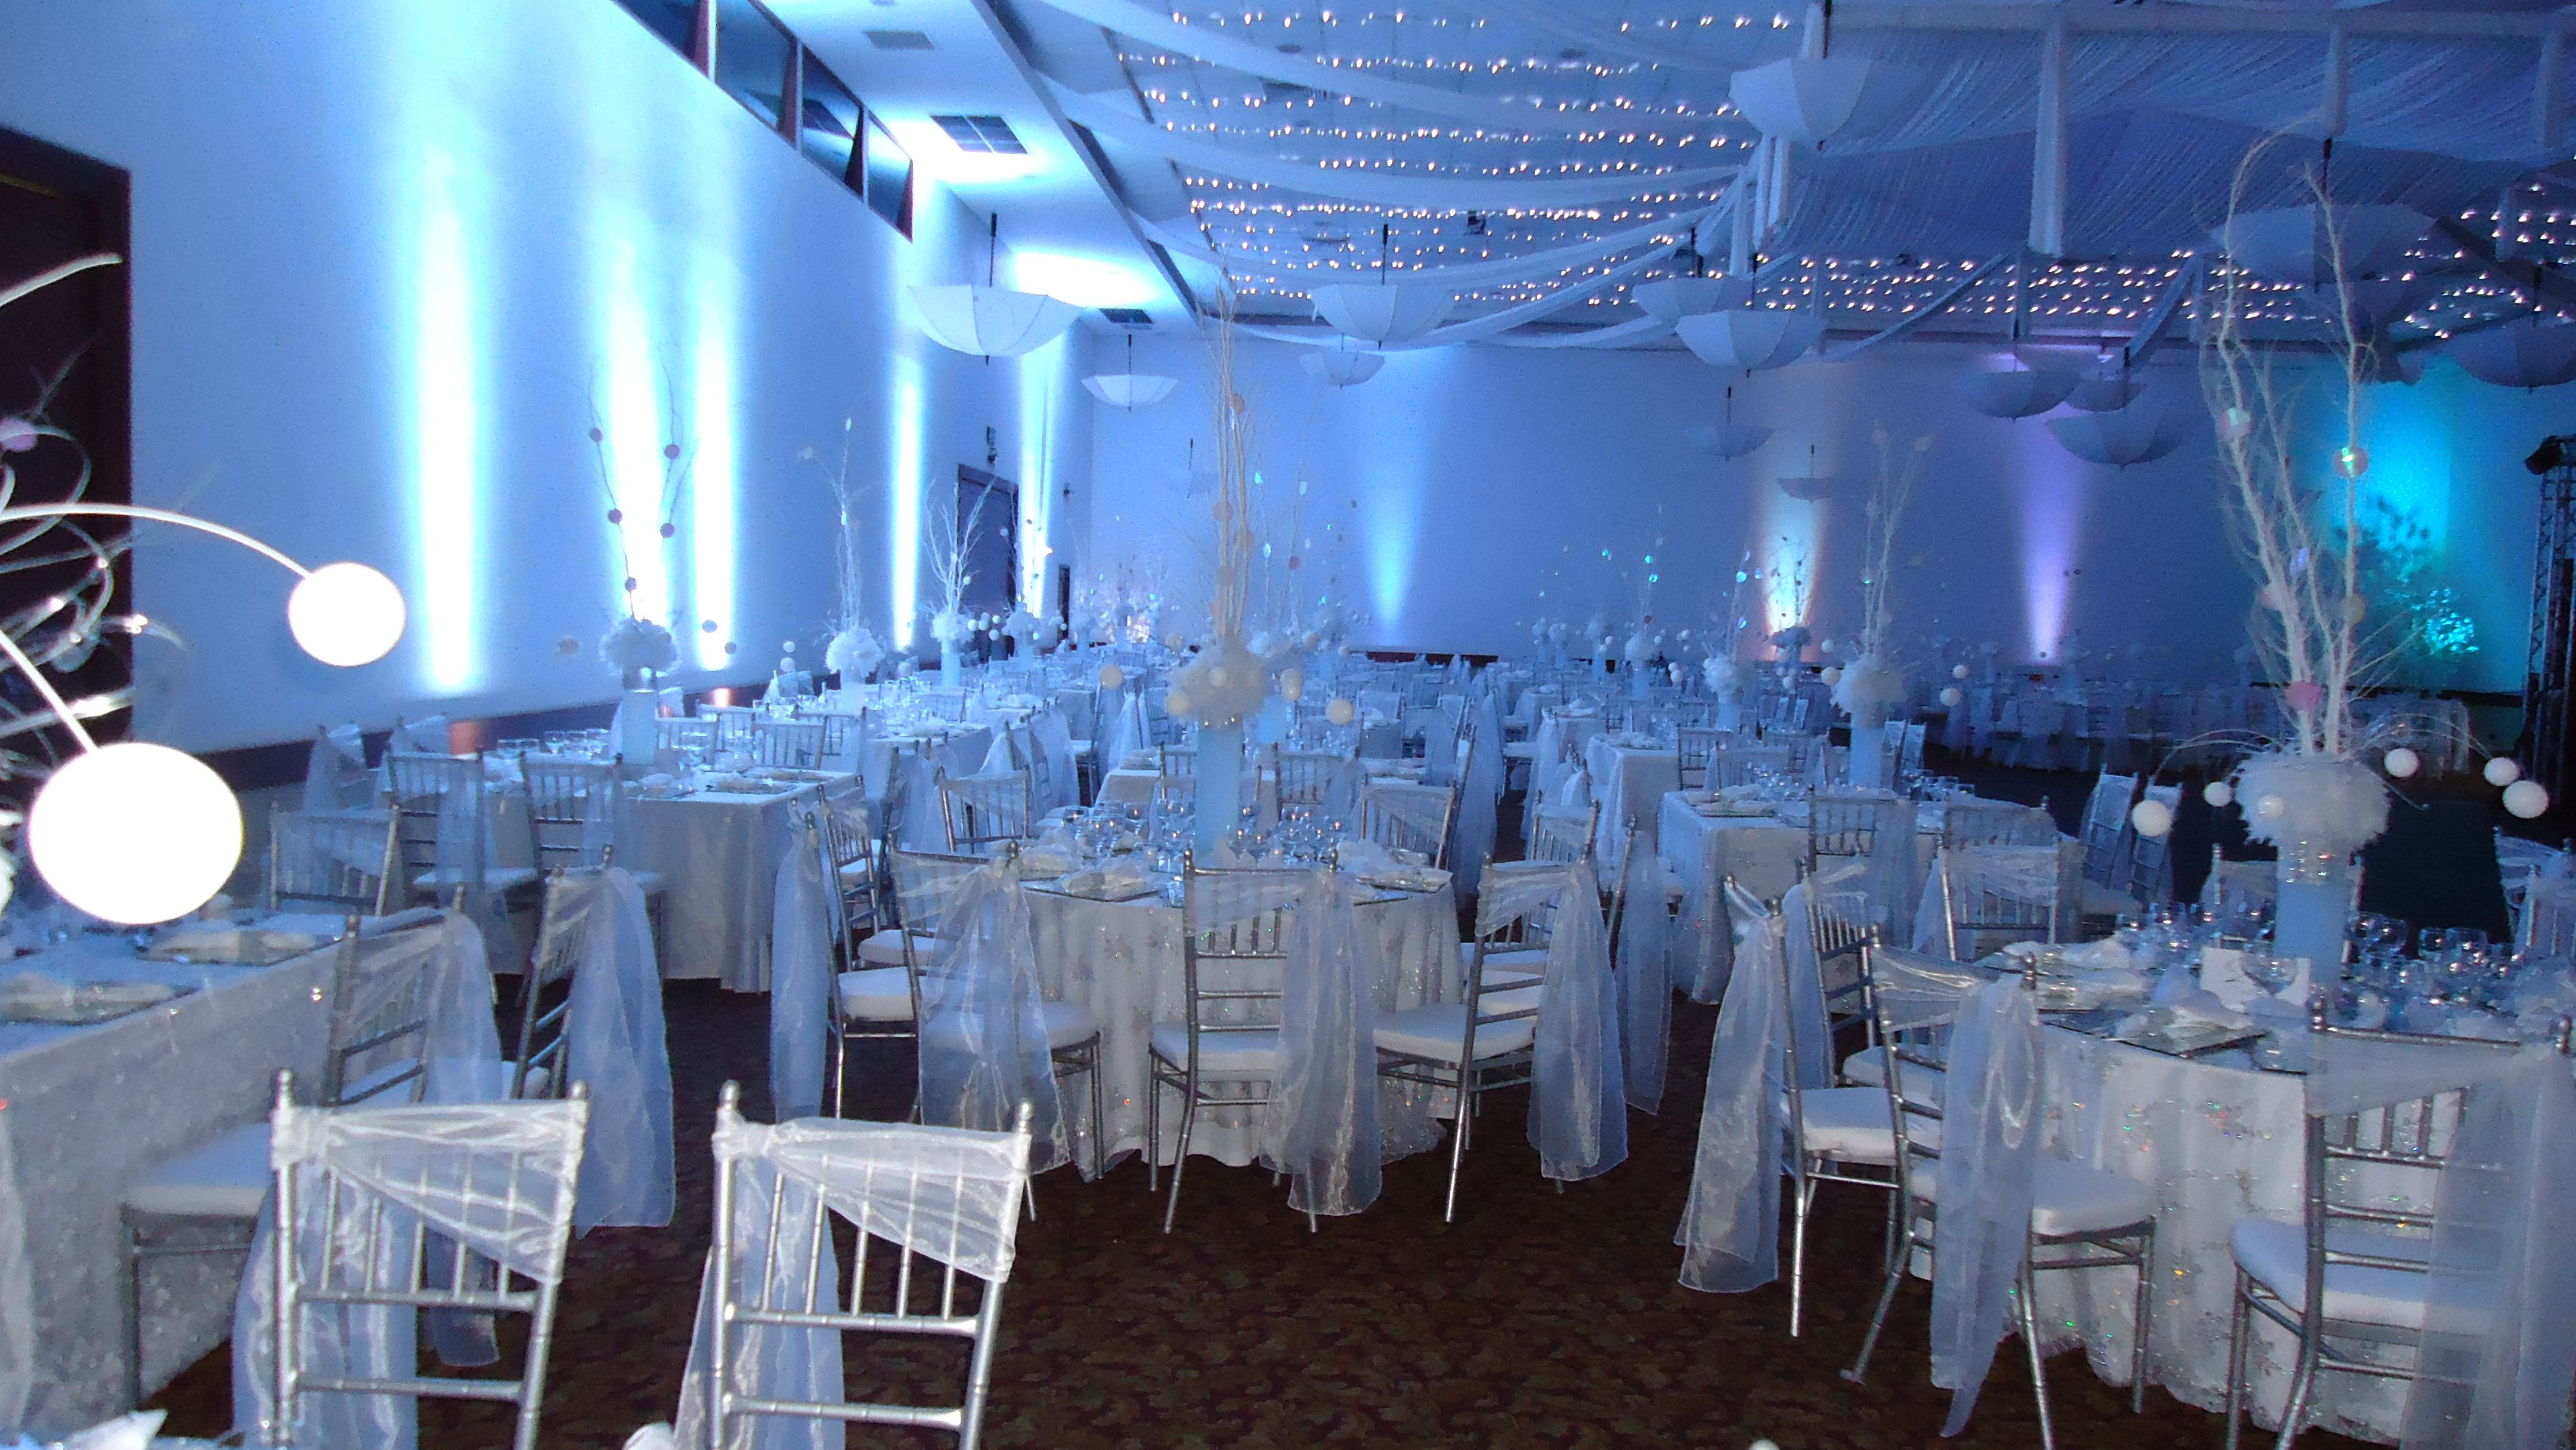 Salon decorado con telas luces led y sombrillas fiesta for Decoracion de salon con telas y luces